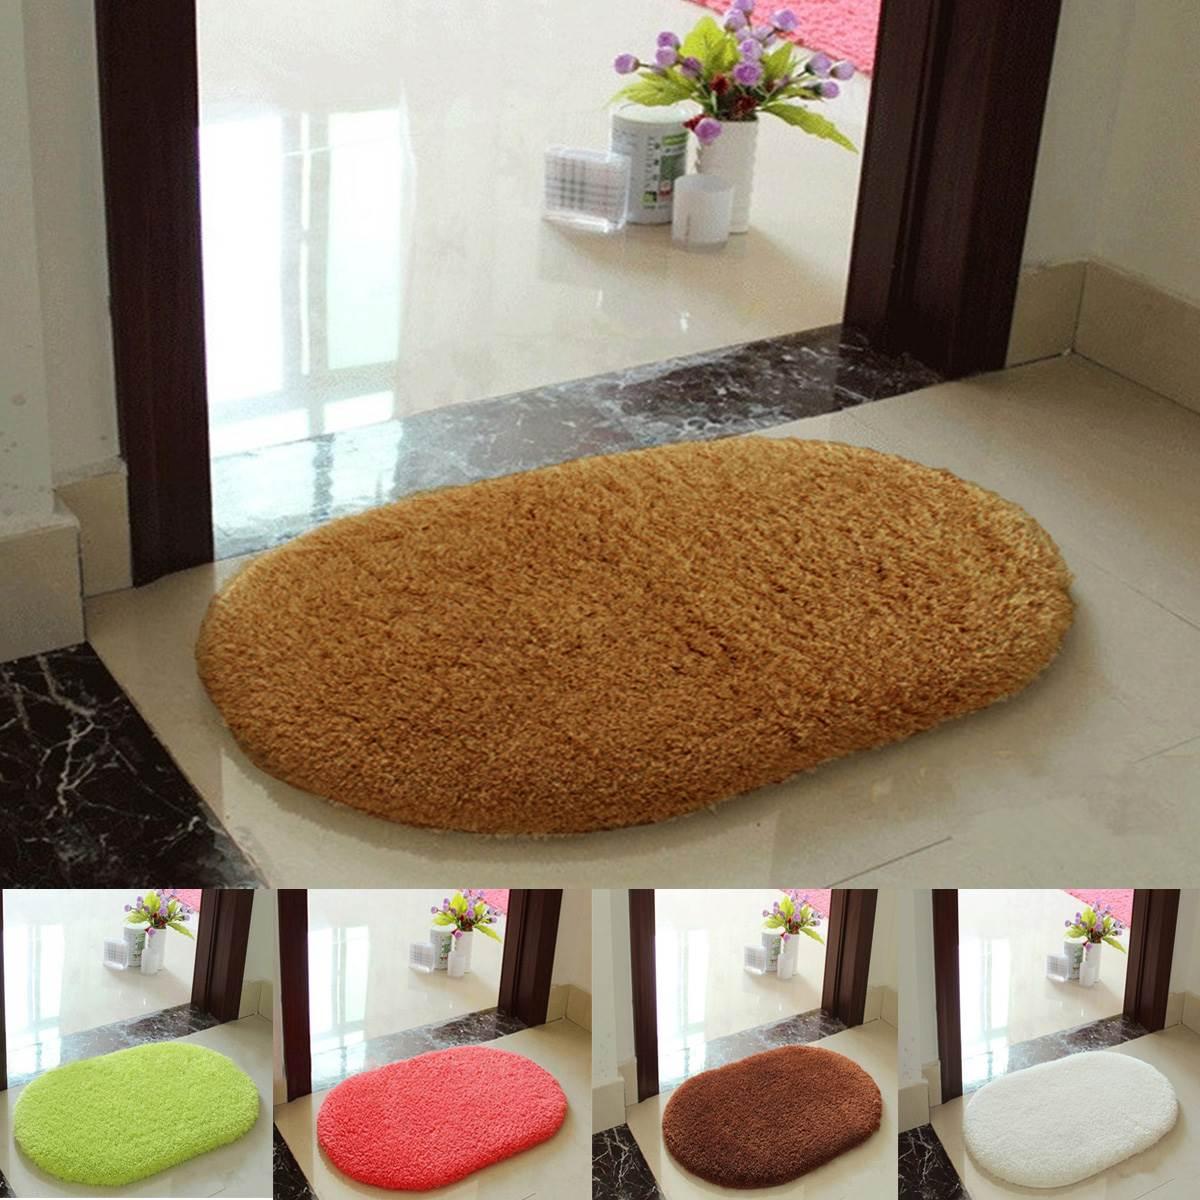 De douche tapis achetez des lots à petit prix de douche tapis en ...